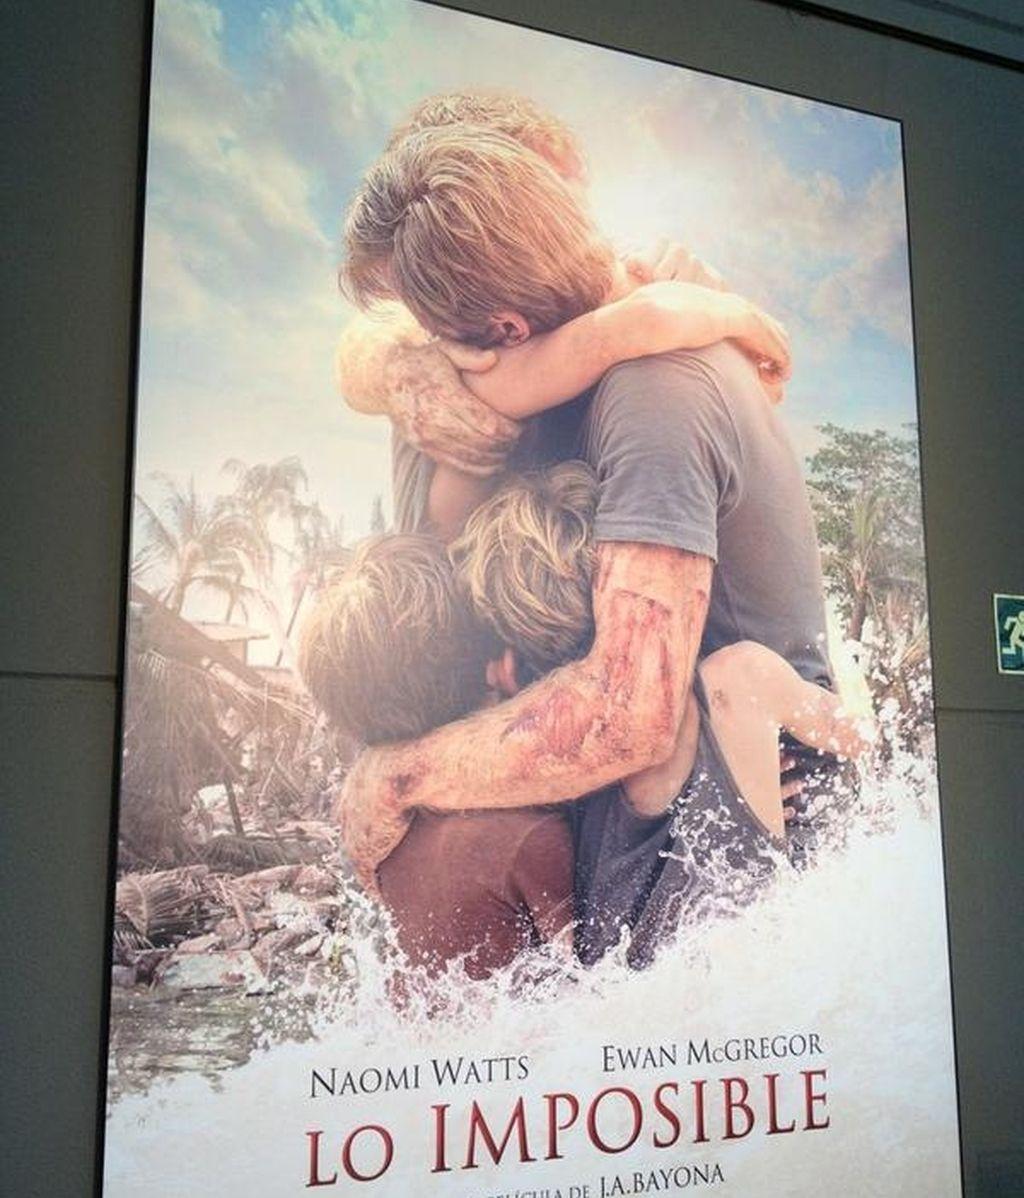 El gran estreno de 'Lo imposible', en imágenes